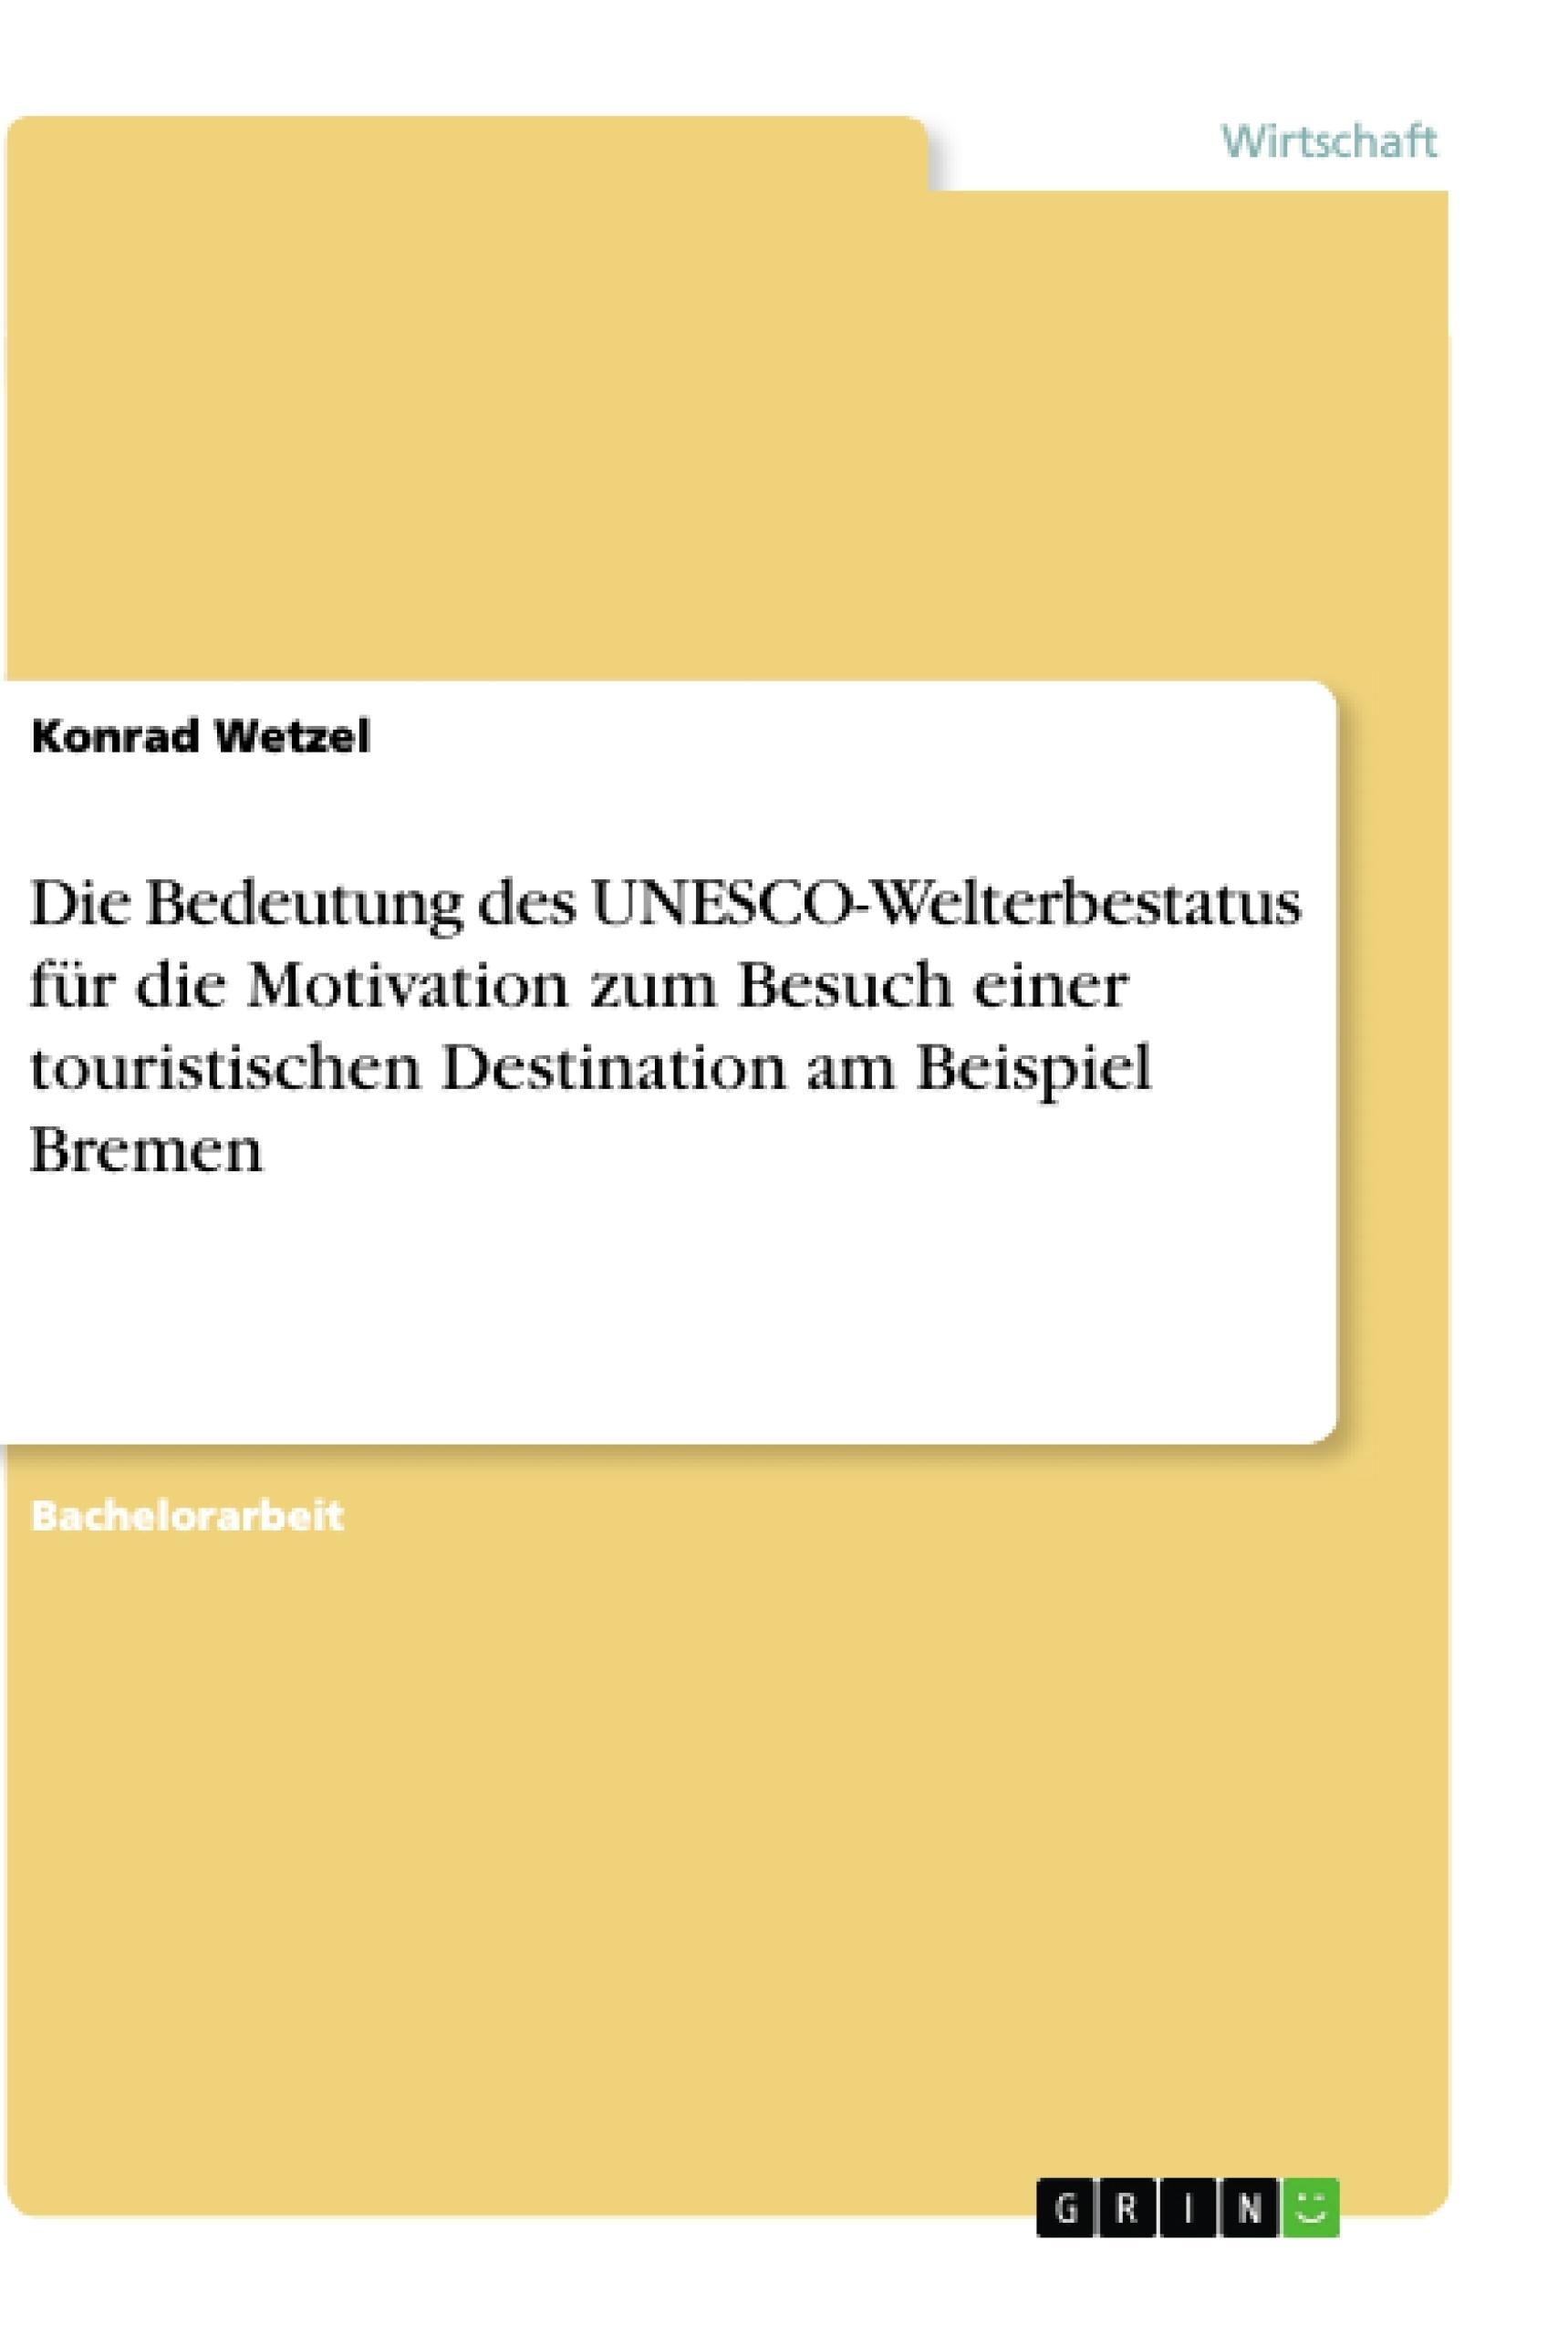 Titel: Die Bedeutung des UNESCO-Welterbestatus für die Motivation zum Besuch einer touristischen Destination am Beispiel Bremen